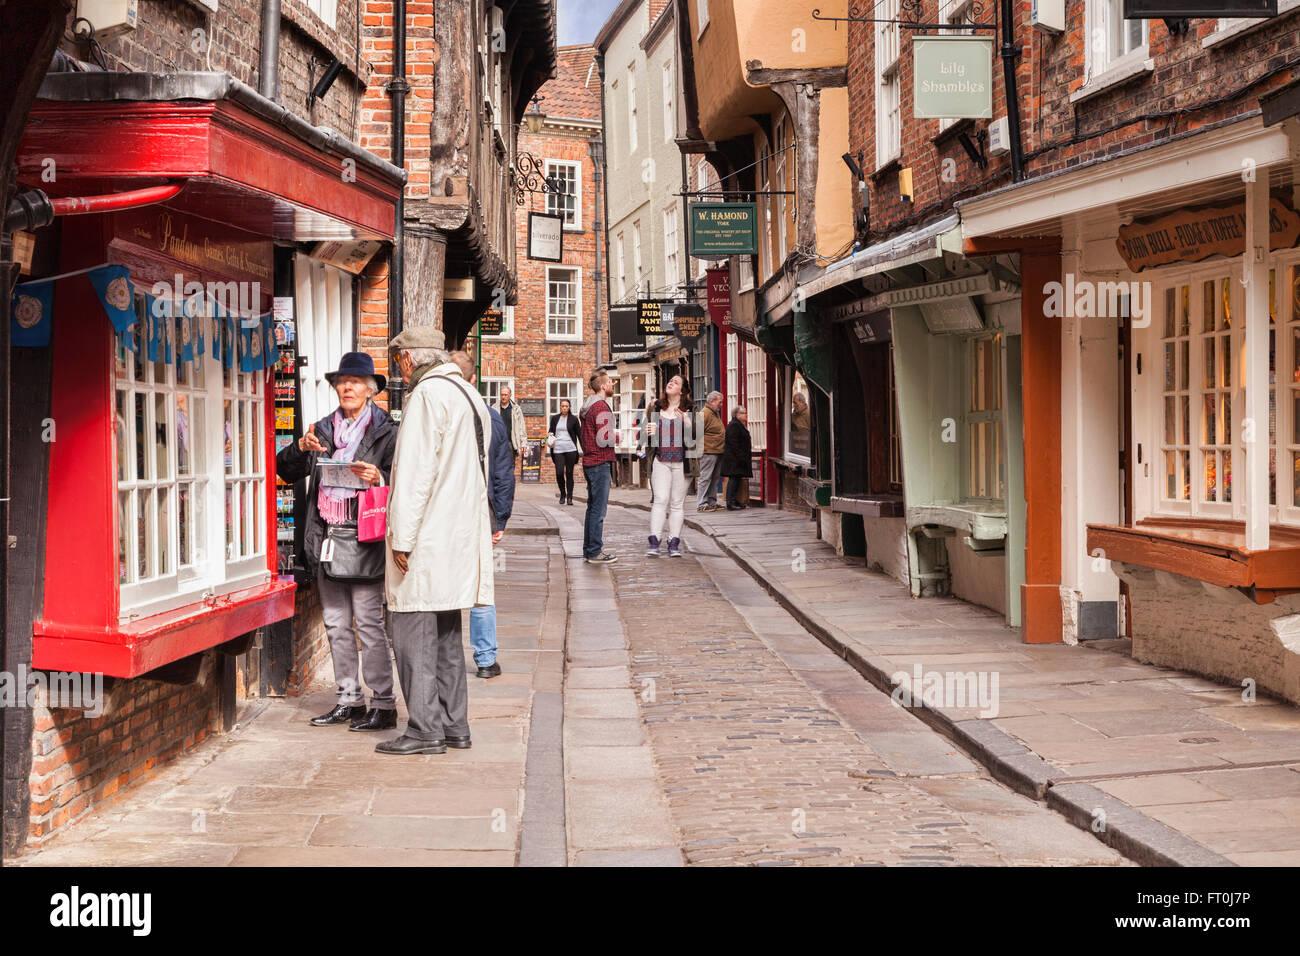 Pareja senior de compras en The Shambles, York, North Yorkshire, Inglaterra, Reino Unido ligero desenfoque de movimiento Imagen De Stock